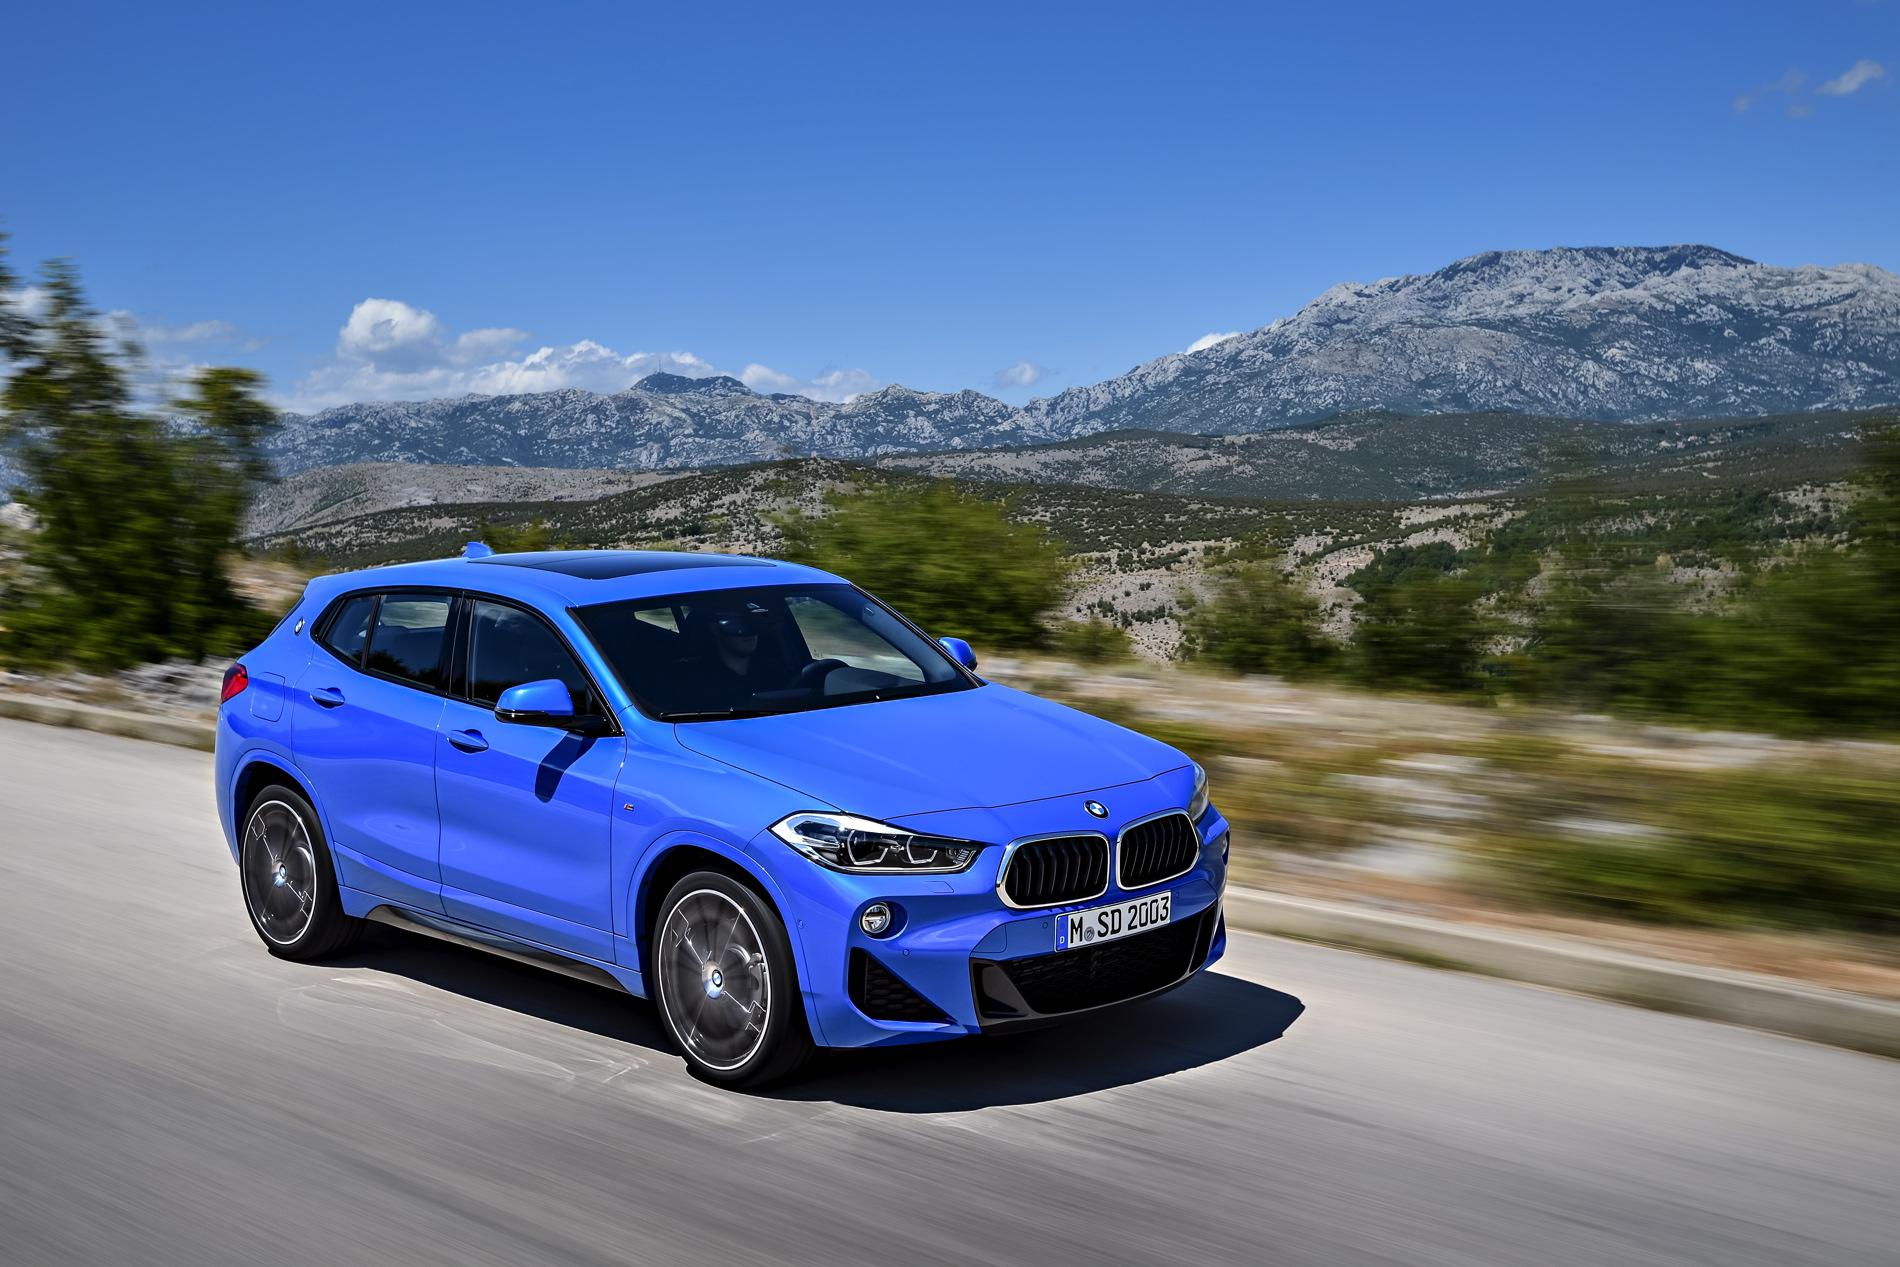 2018 BMW X2 M Sport F39 Misano Blau 0122